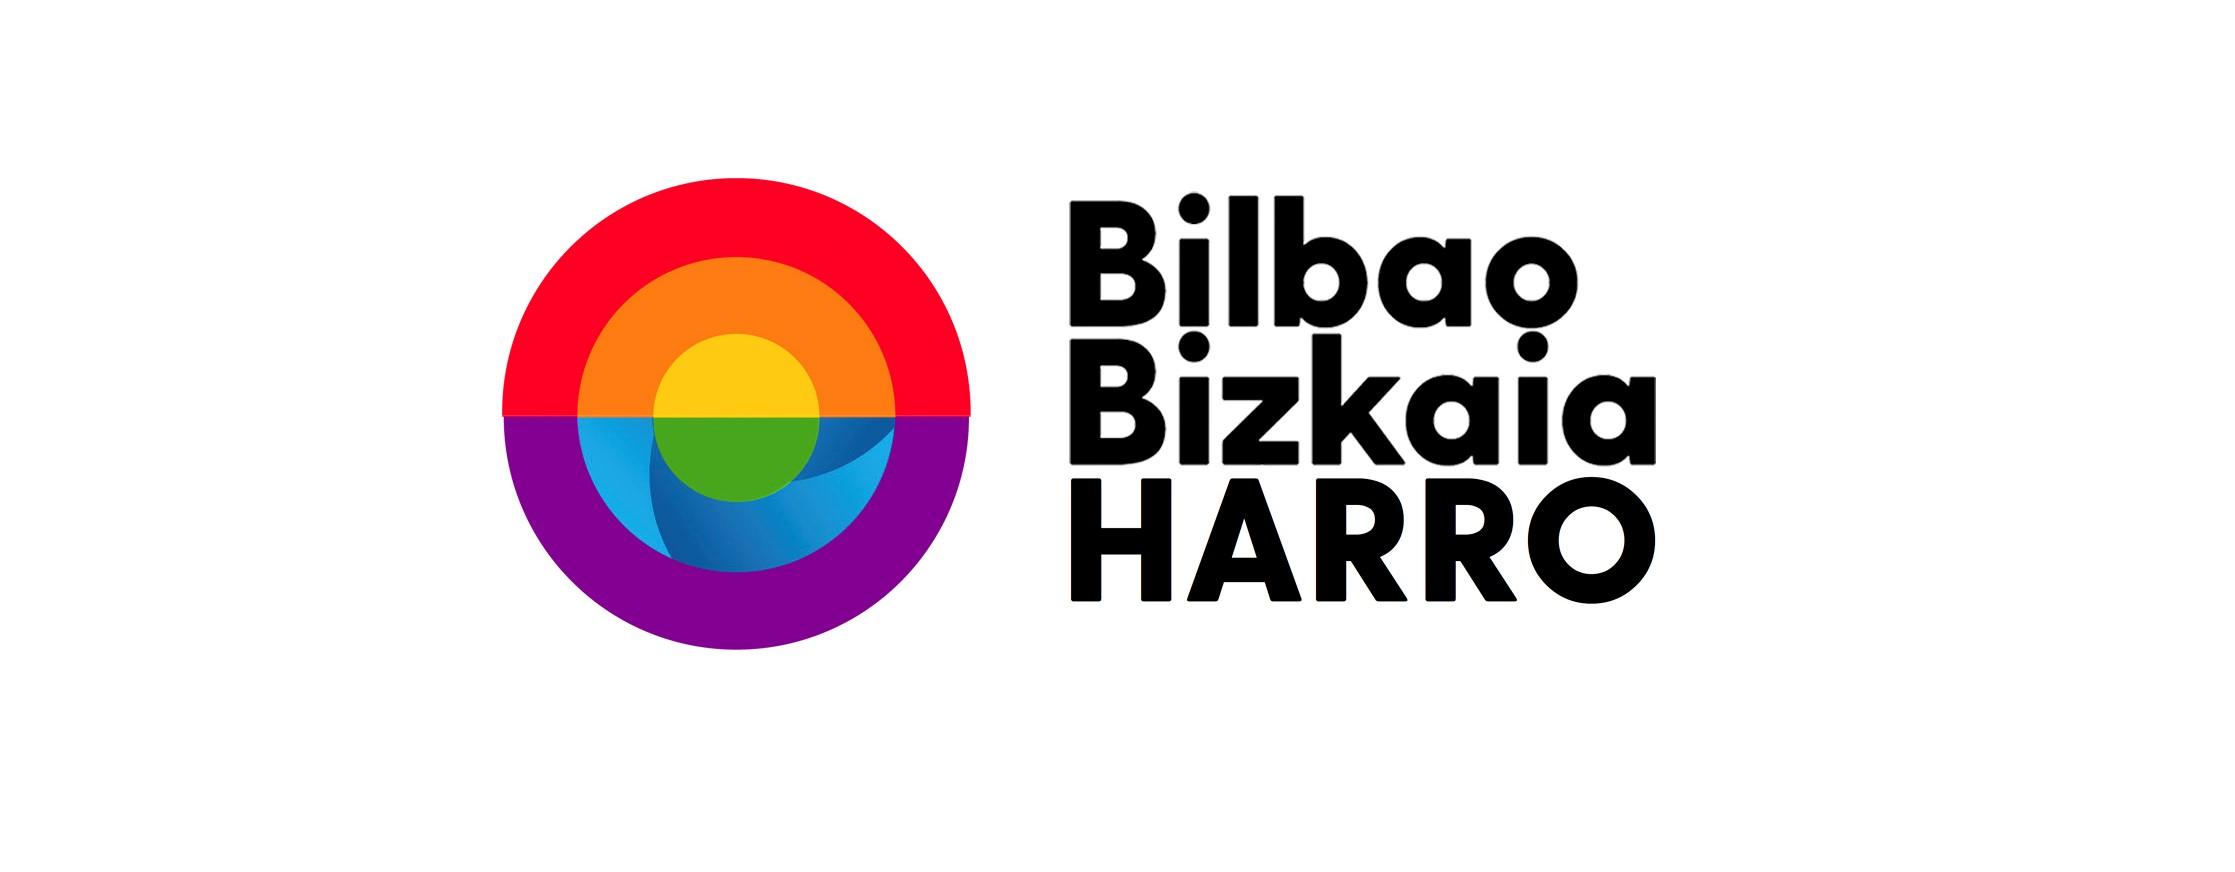 El 'Orgullo gay' de Bilbao se expande por Bizkaia durante todo junio